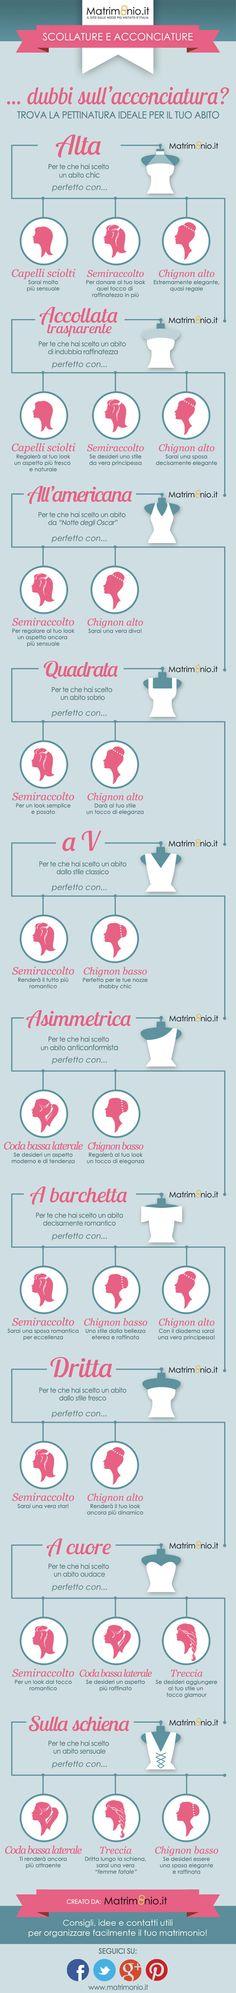 #Infografica: L' #acconciatura della #sposa: come scegliere quella giusta a seconda della #scollatura dell' #abito #updo #wedding #bride #weddingdress #infographic #nozze #bride http://www.matrimonio.it/guida/la-sposa-e-lo-sposo/acconciature-e-bellezza/infografica--scollature-e-acconciature